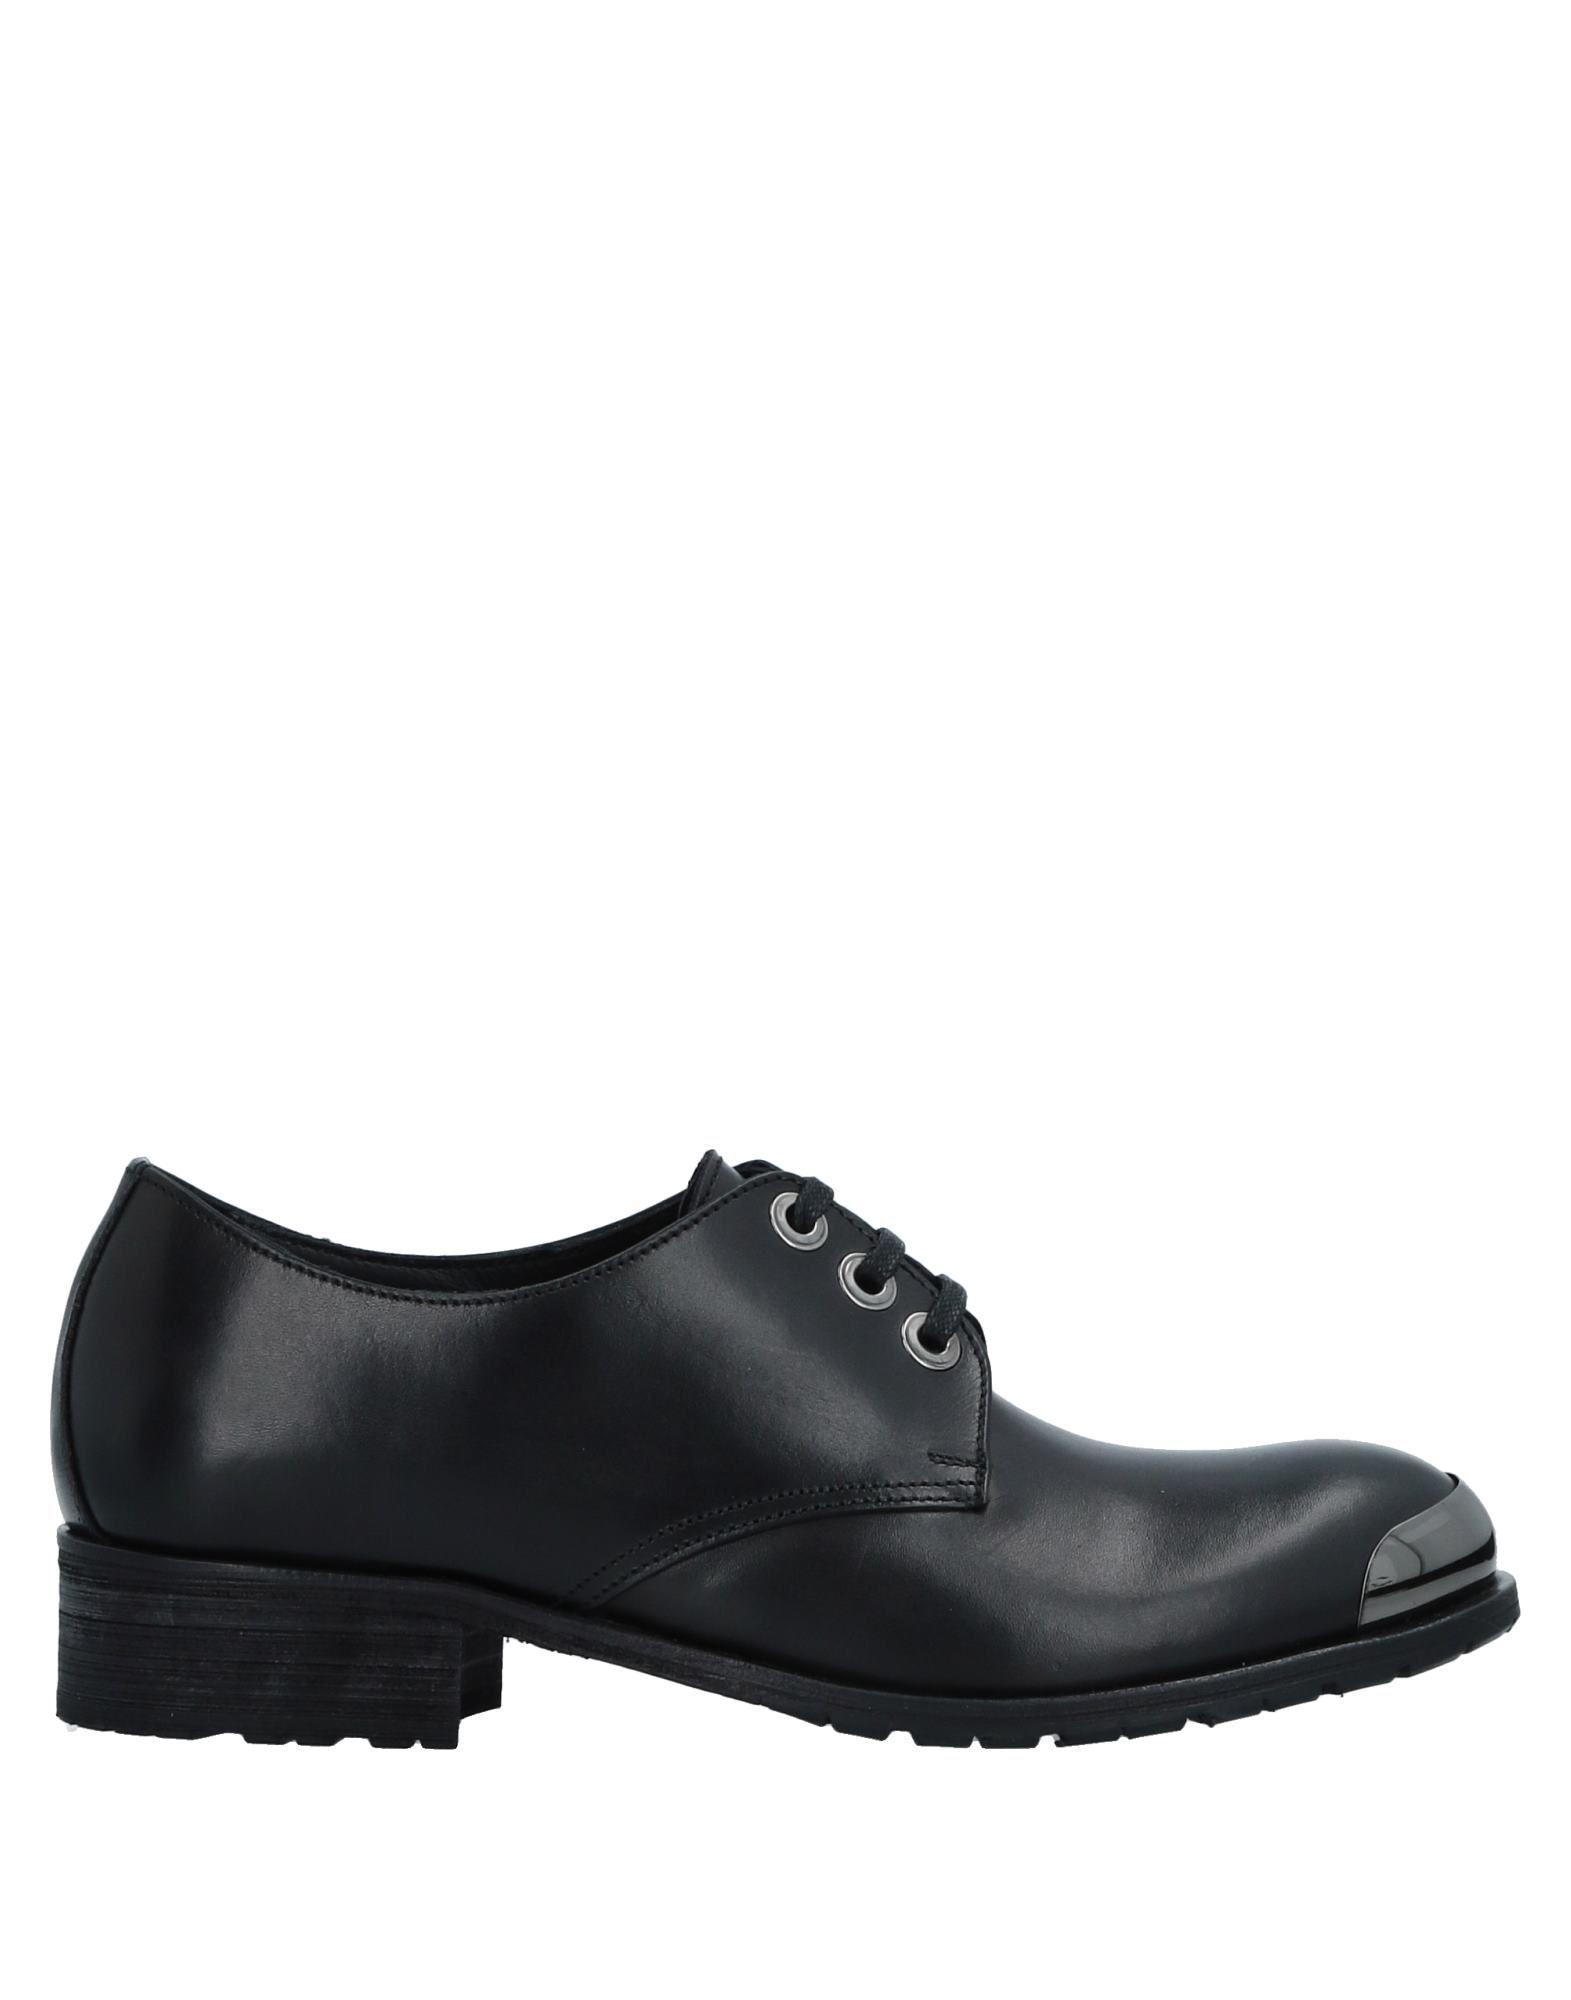 Gut um Schnürschuhe billige Schuhe zu tragenPinko Schnürschuhe um Damen  11520043UO 8e7188